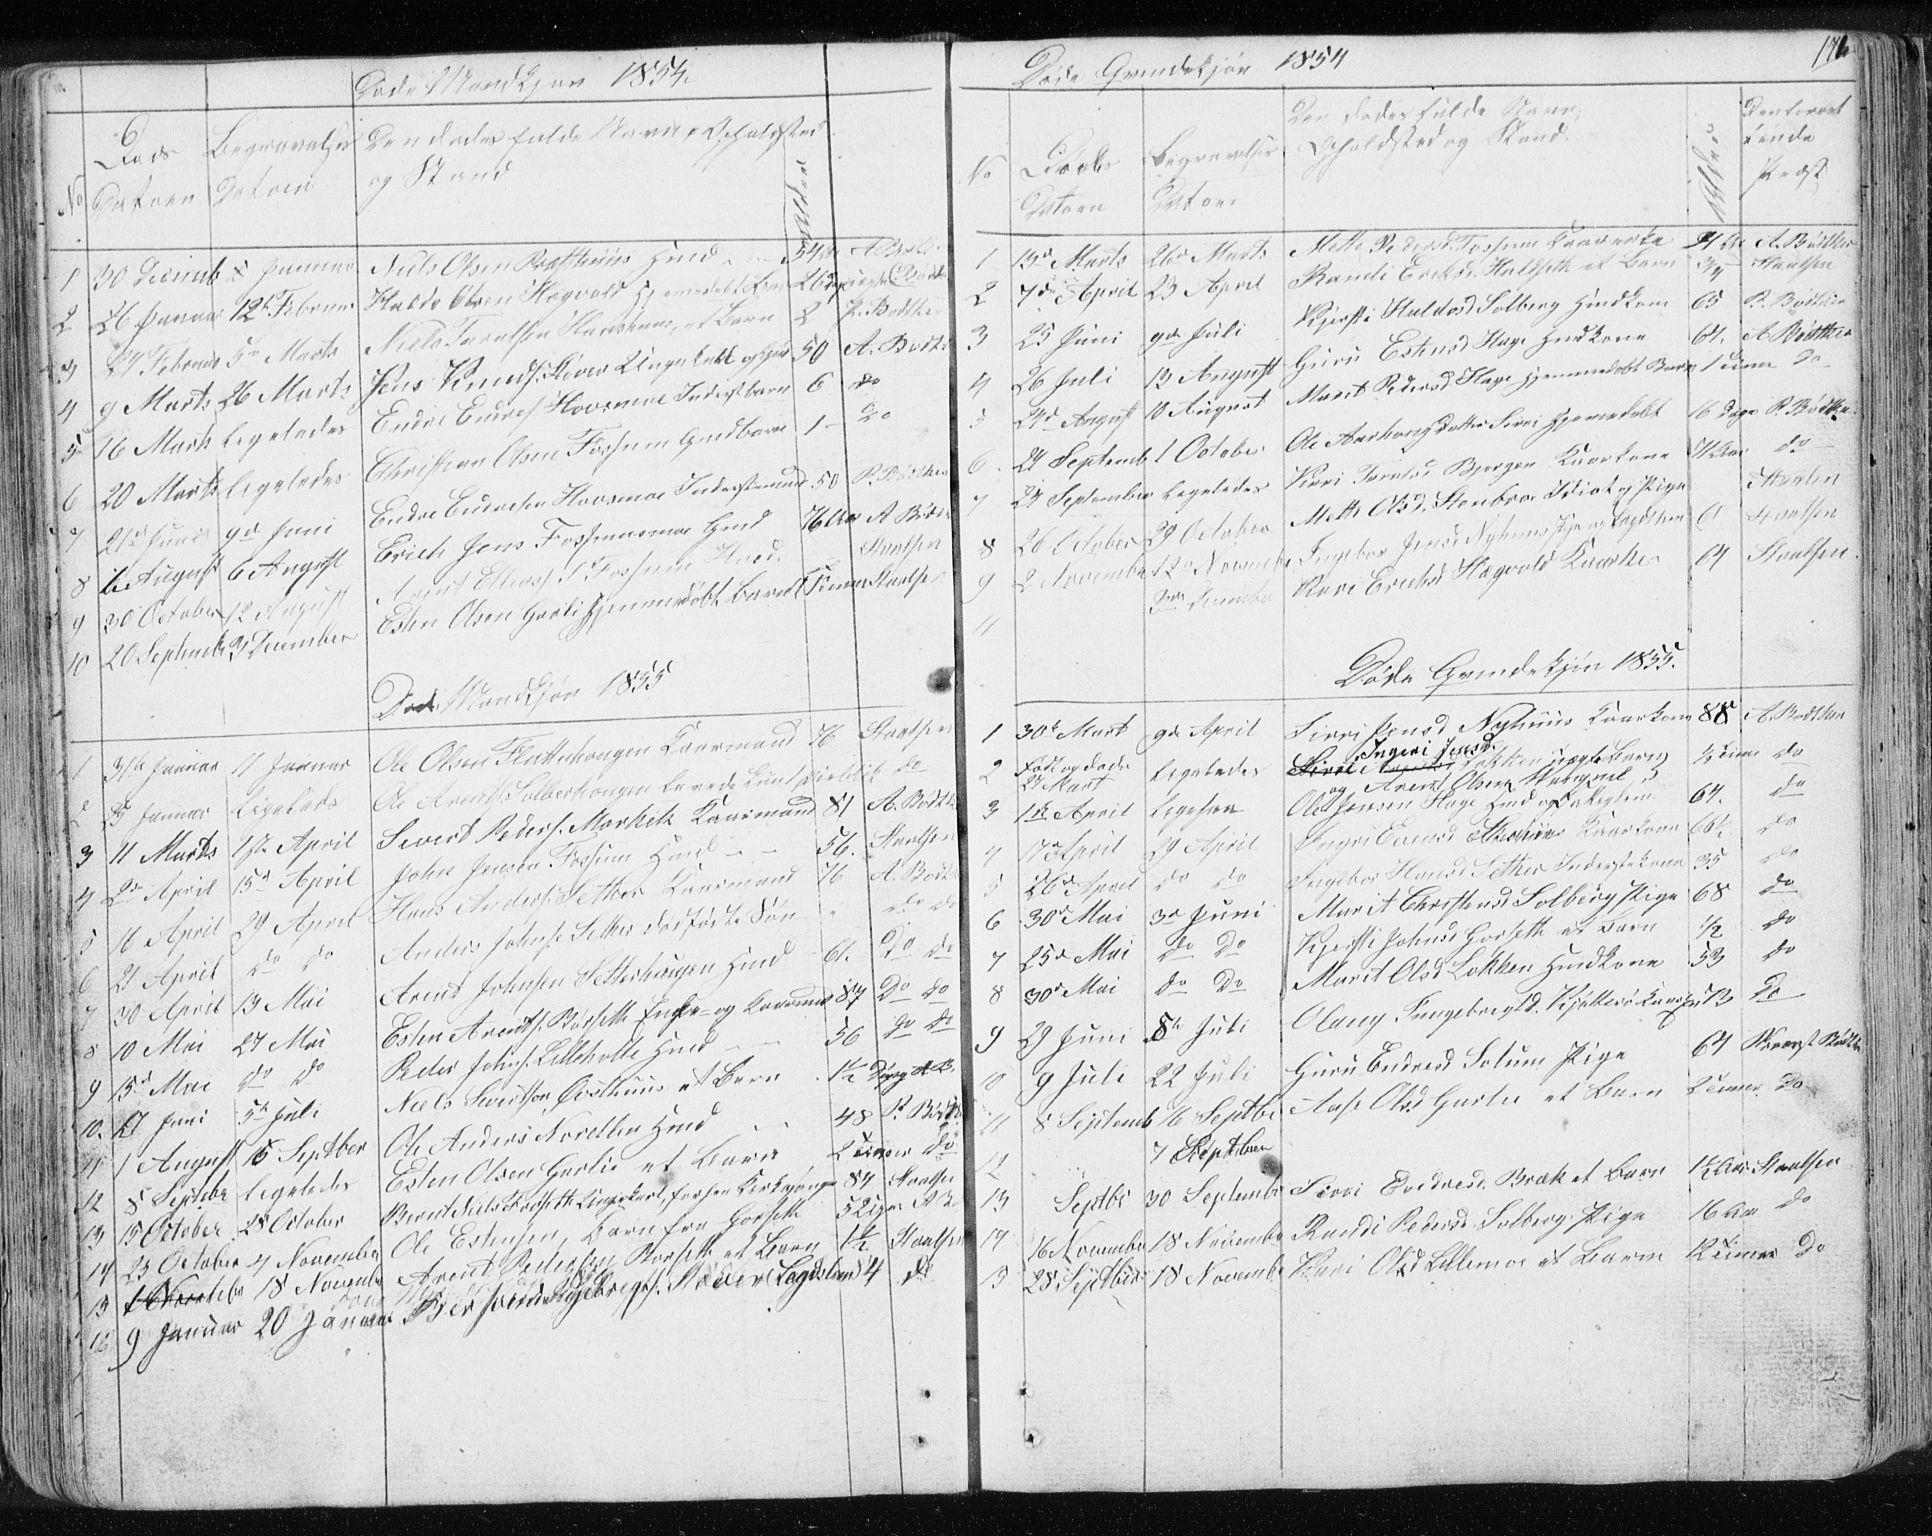 SAT, Ministerialprotokoller, klokkerbøker og fødselsregistre - Sør-Trøndelag, 689/L1043: Klokkerbok nr. 689C02, 1816-1892, s. 171